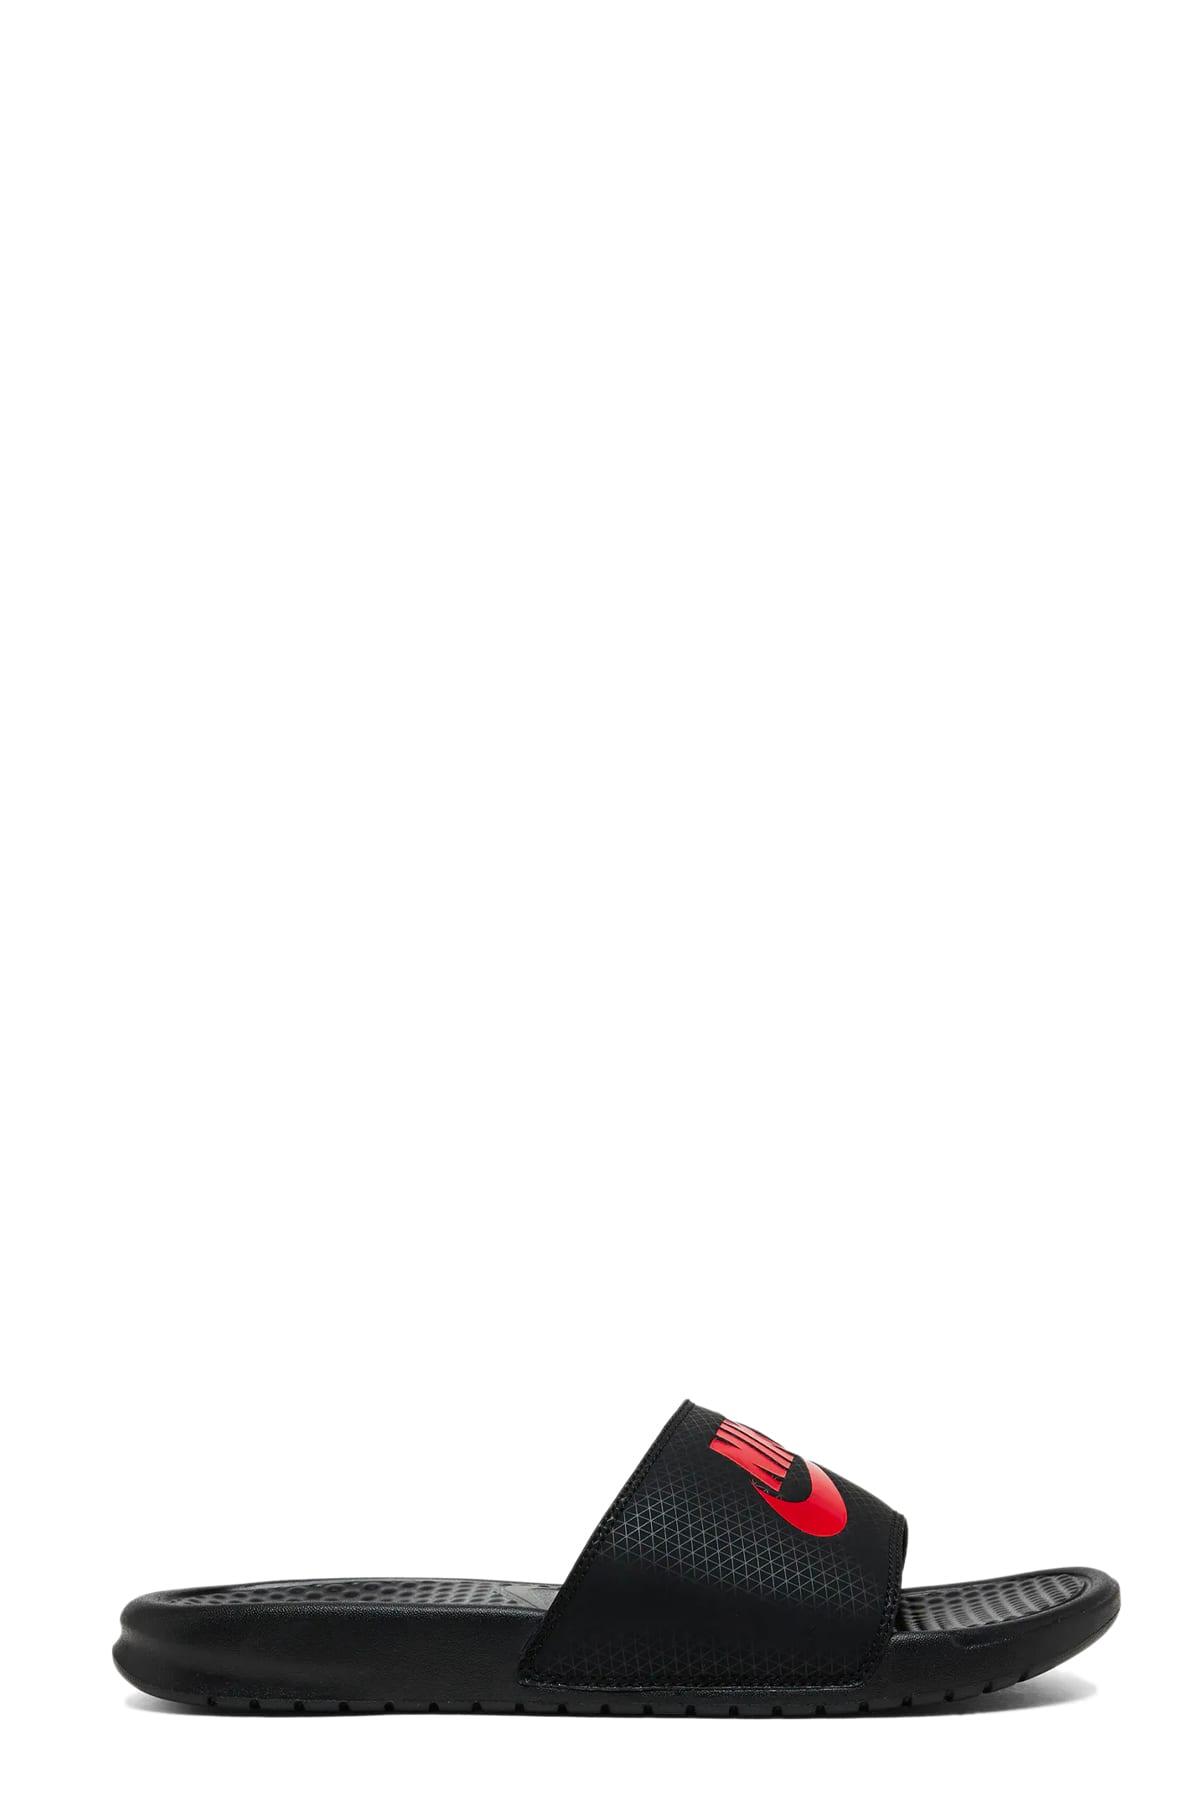 Nike Benassi Jdi In Nero/rosso